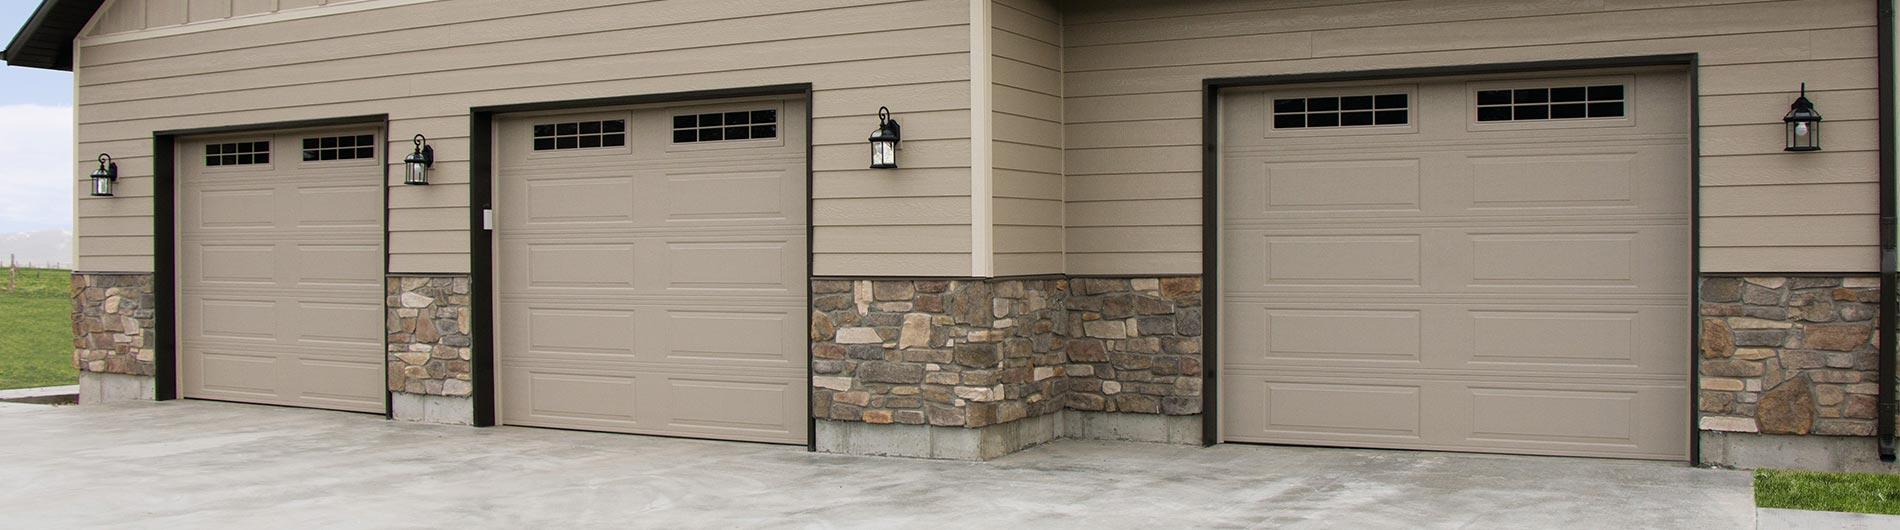 Steel Garage Door Ranch Desert Tan StockbridgeII & Steel Garage Door Ranch Desert Tan StockbridgeII - Precision Doors ...